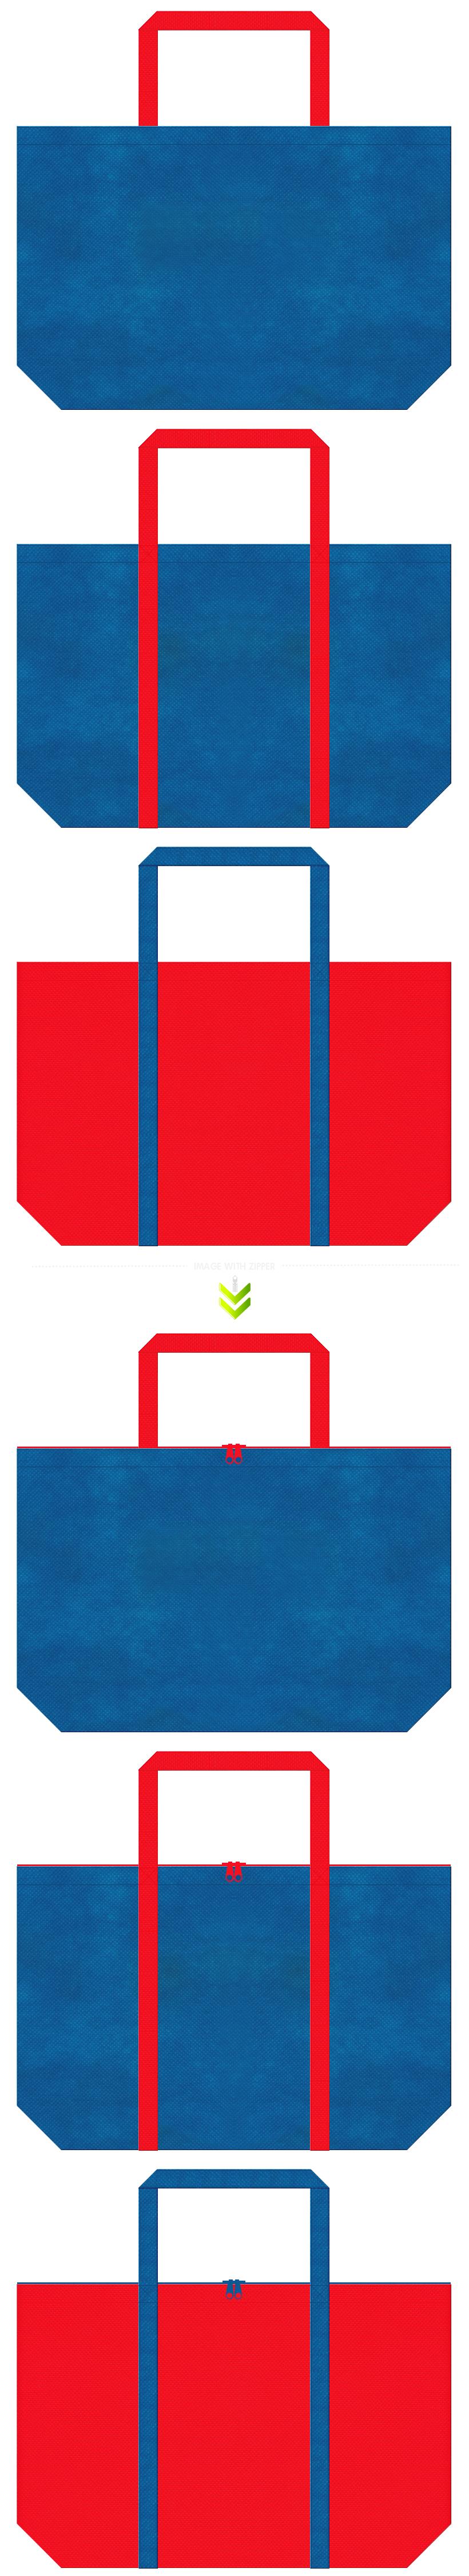 テーマパーク・おもちゃ・ロボット・ラジコン・プラモデル・ホビーのショッピングバッグにお奨めの不織布バッグデザイン:青色と赤色のコーデ